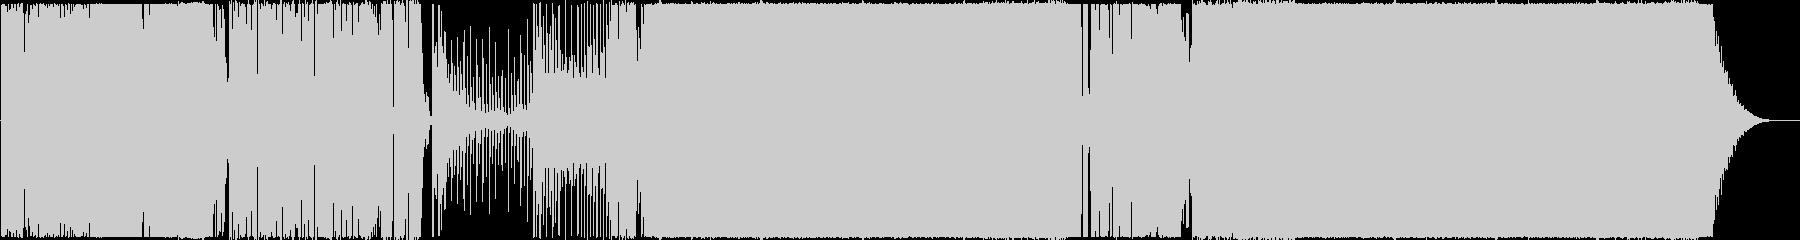 ボコーダーボイスが印象的なEDMの未再生の波形